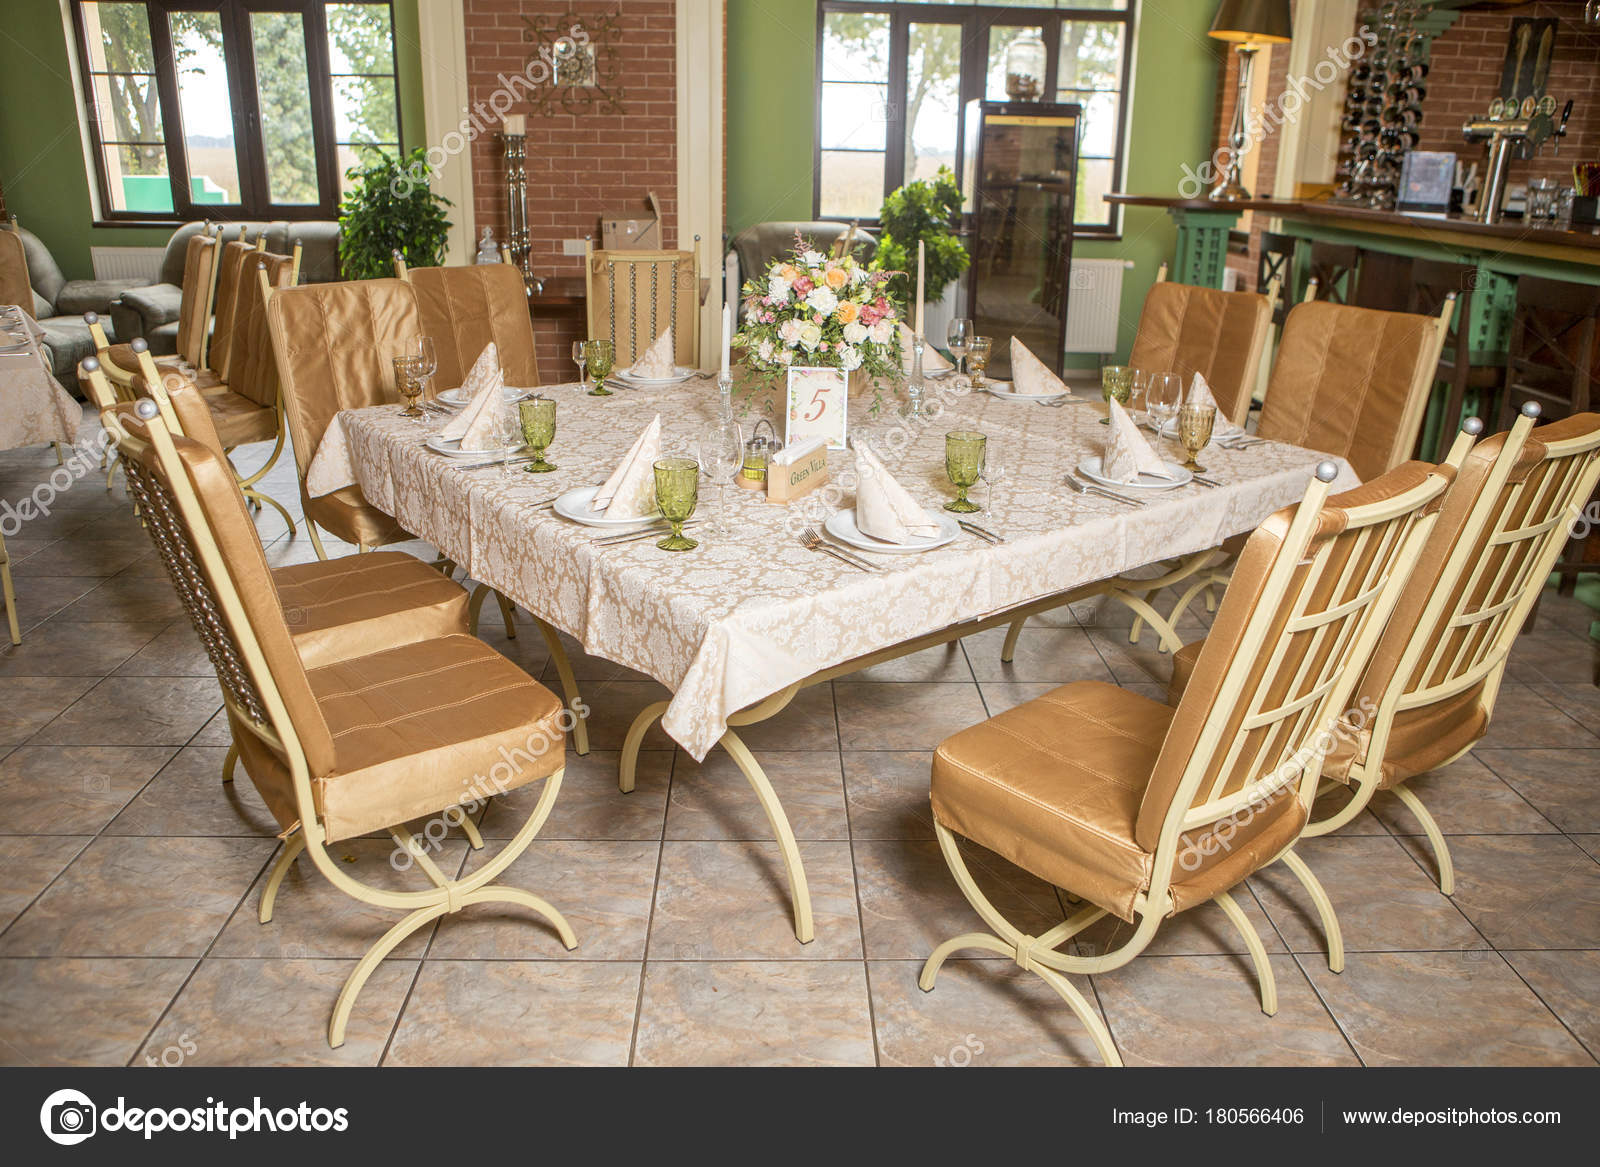 Bougie Décoration De Table bougies de mariage décoration de table pleine de fleurs rose